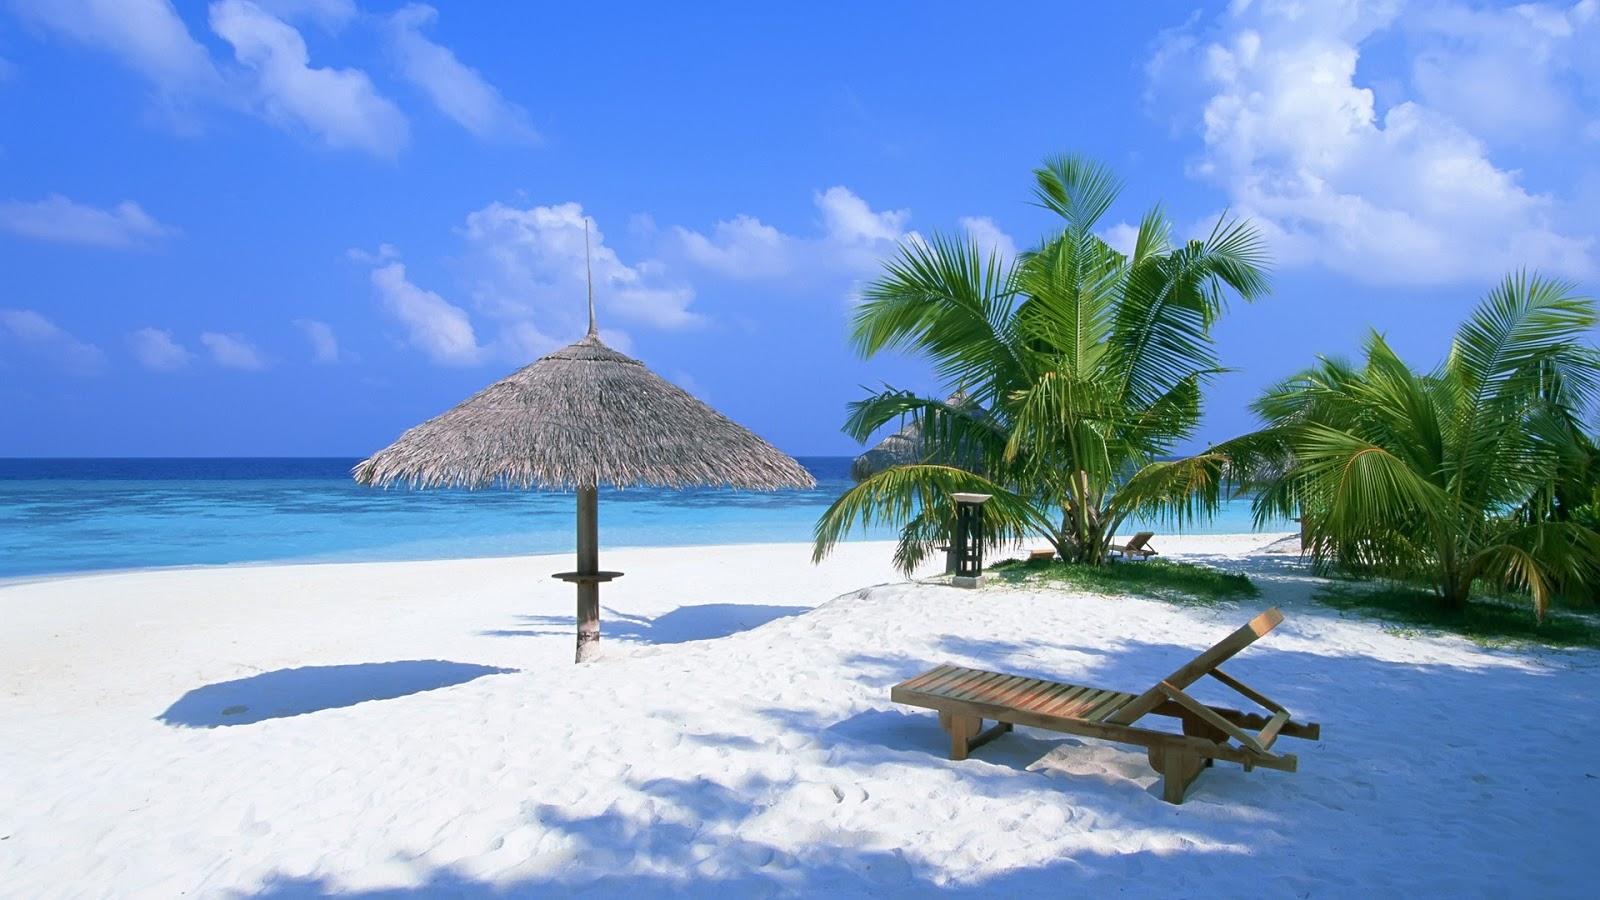 Sfondi gratis nuovo sfondo estivo for Desktop gratis mare